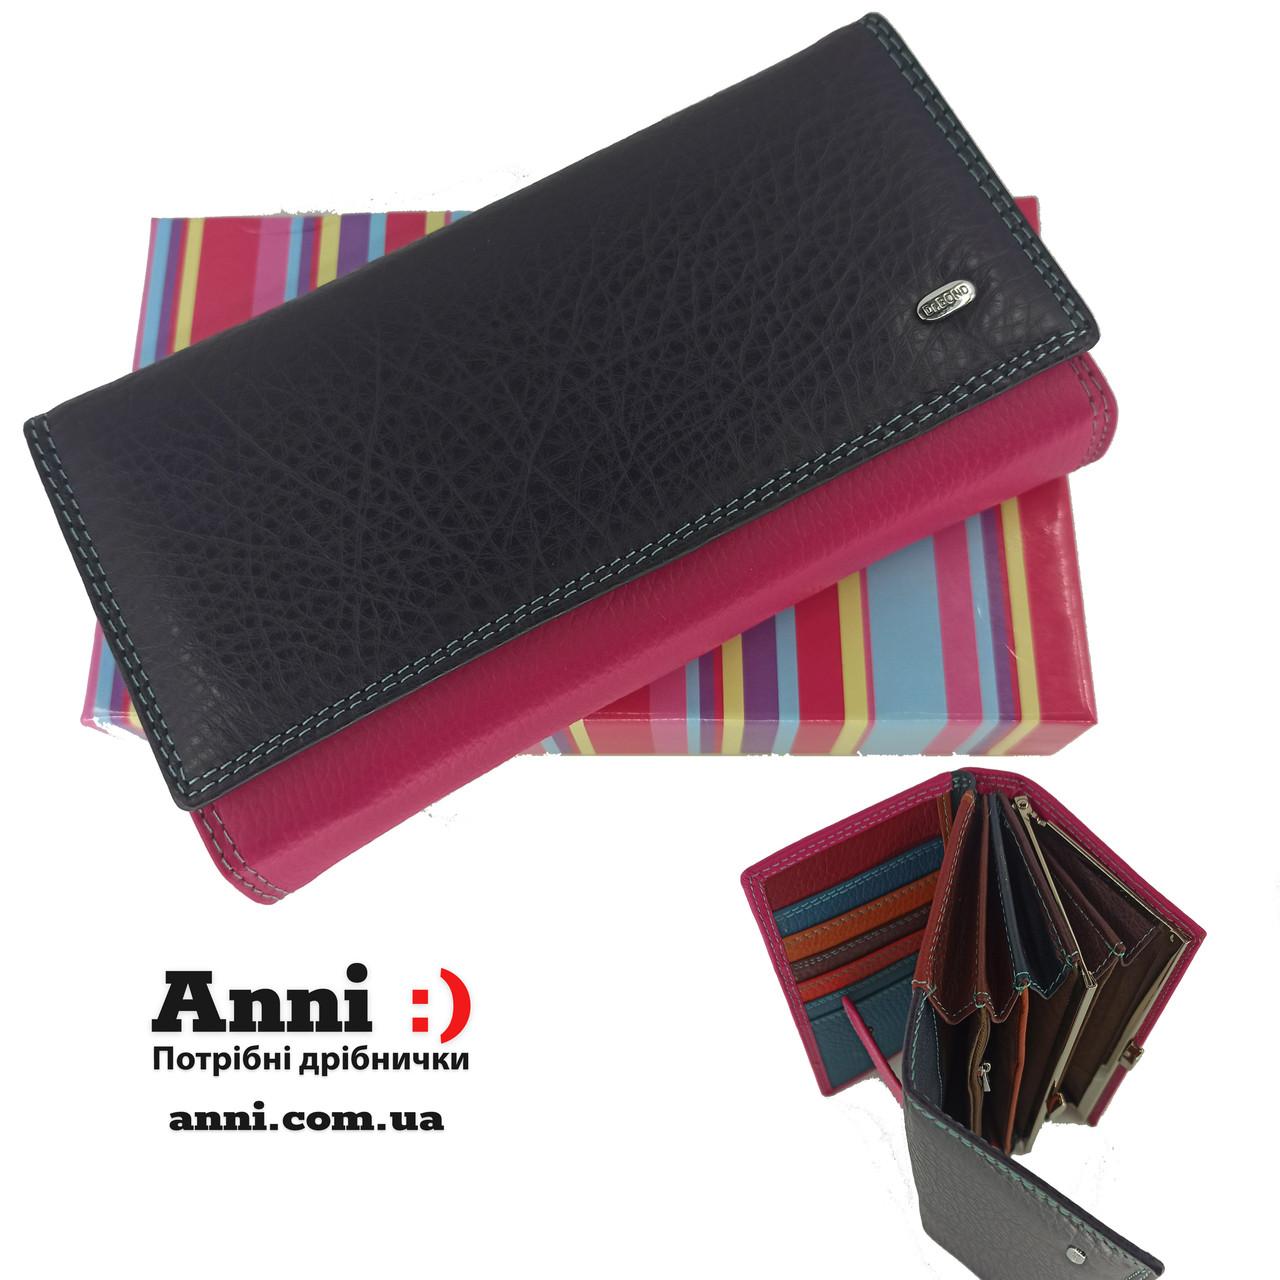 Кожаный женский кошелек с визитницей  DR. BOND WR46 violet